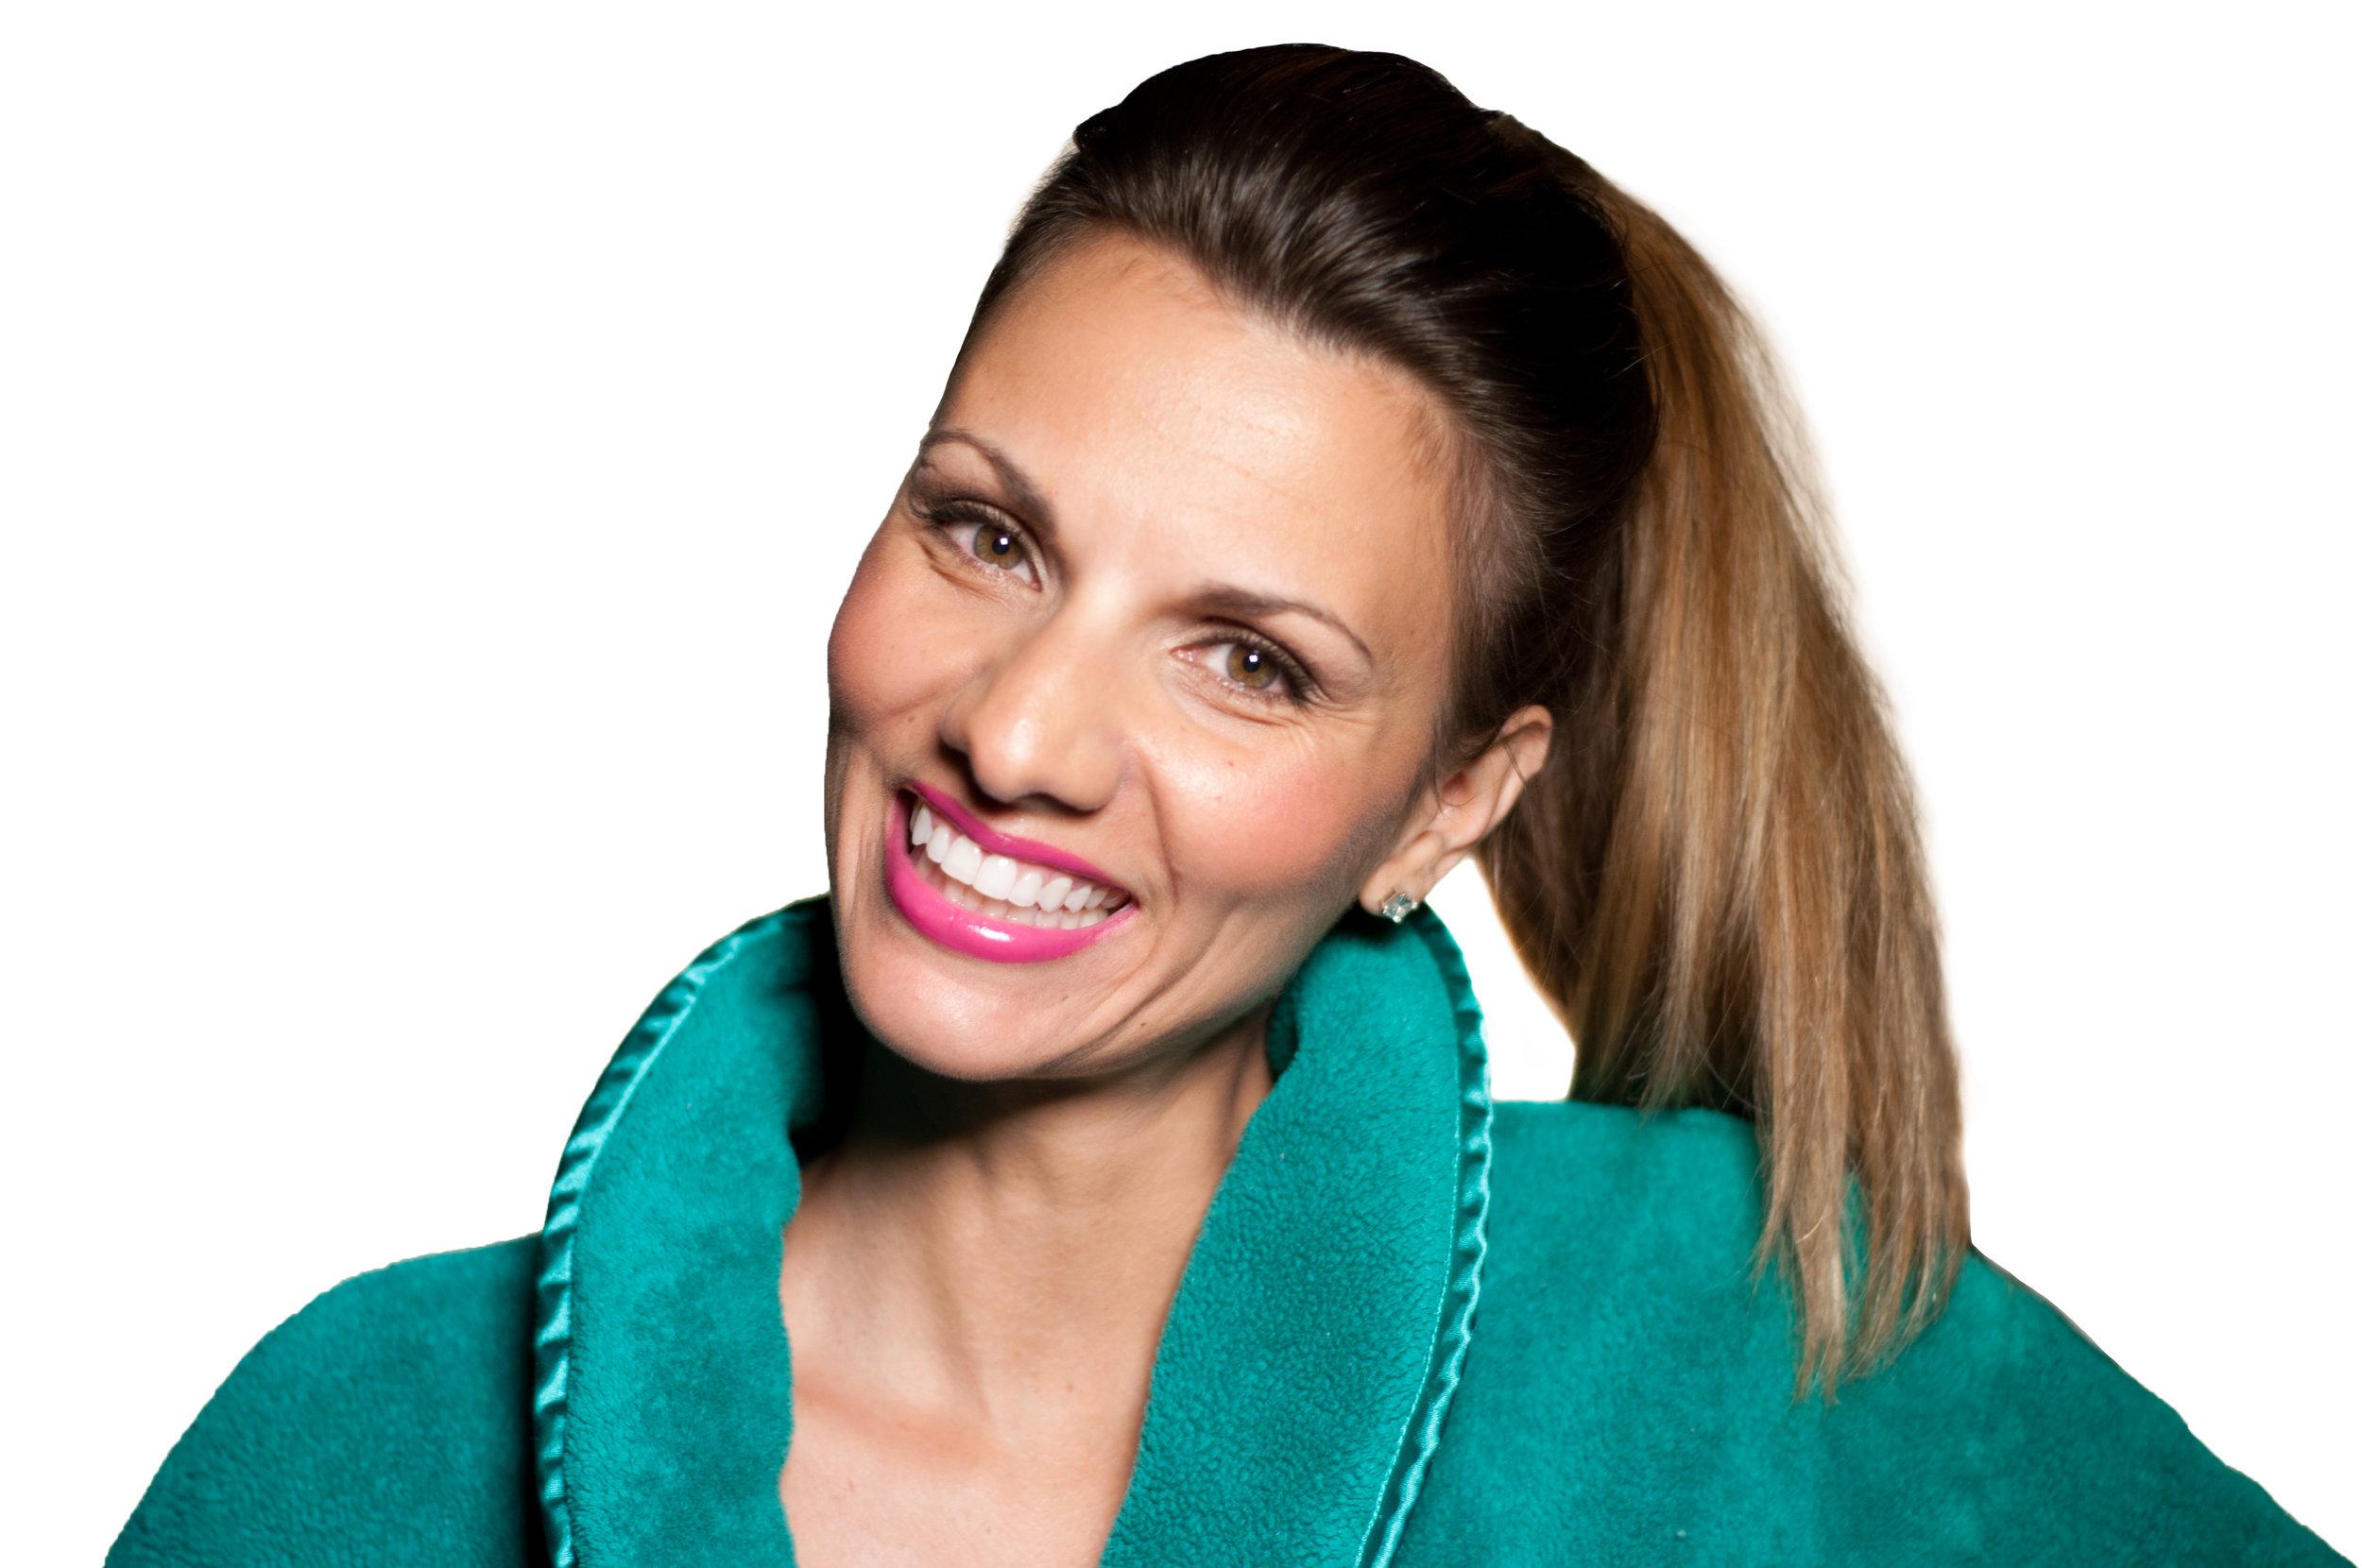 Nicole Charles